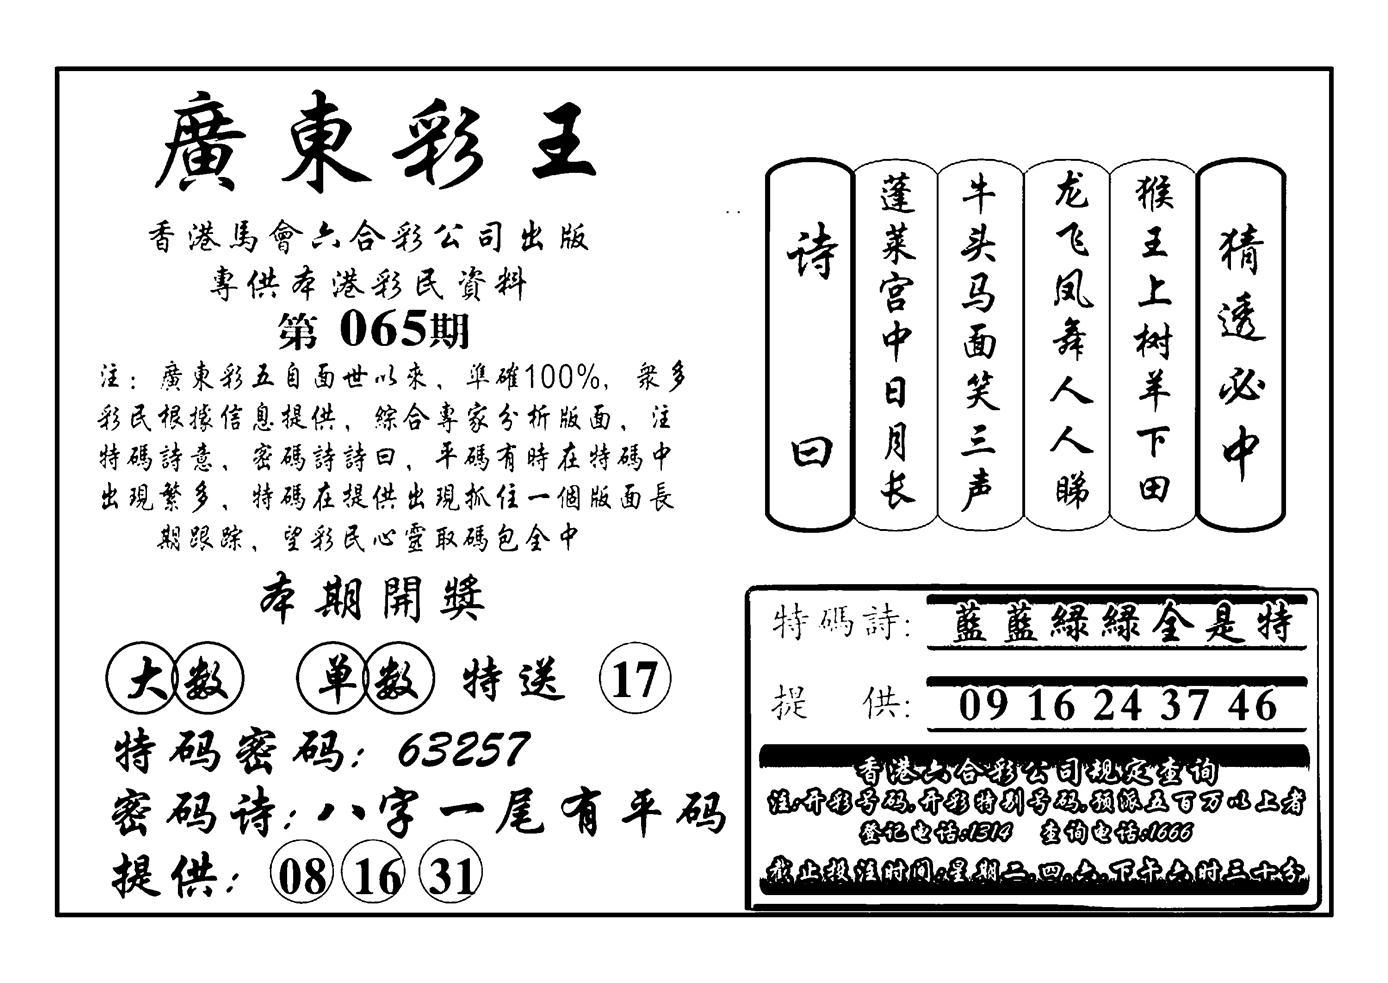 065期广东彩王(黑白)